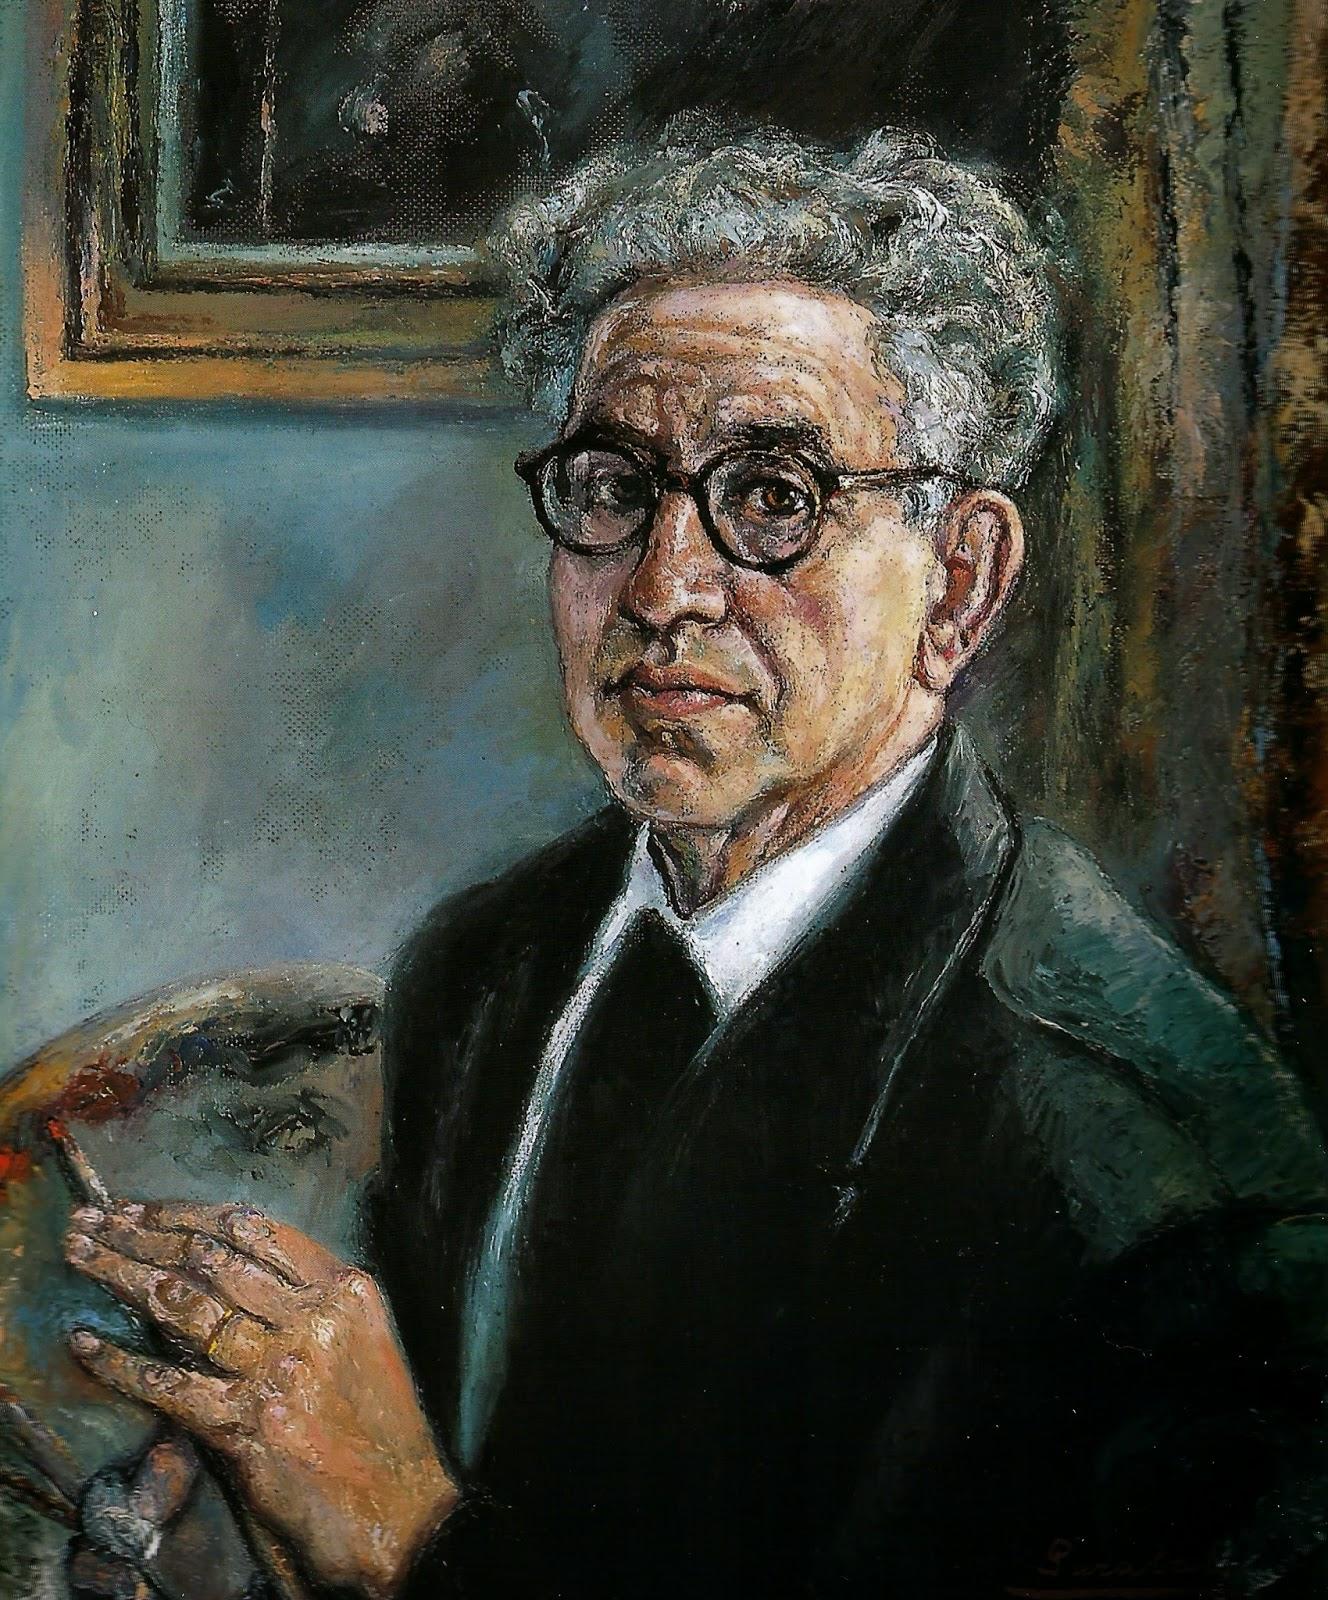 Manuel López Garabal, Pintores Realistas Españoles, Galería de retratos figurativos, Autorretrato, Pintor español, Pintor Manuel López Garabal